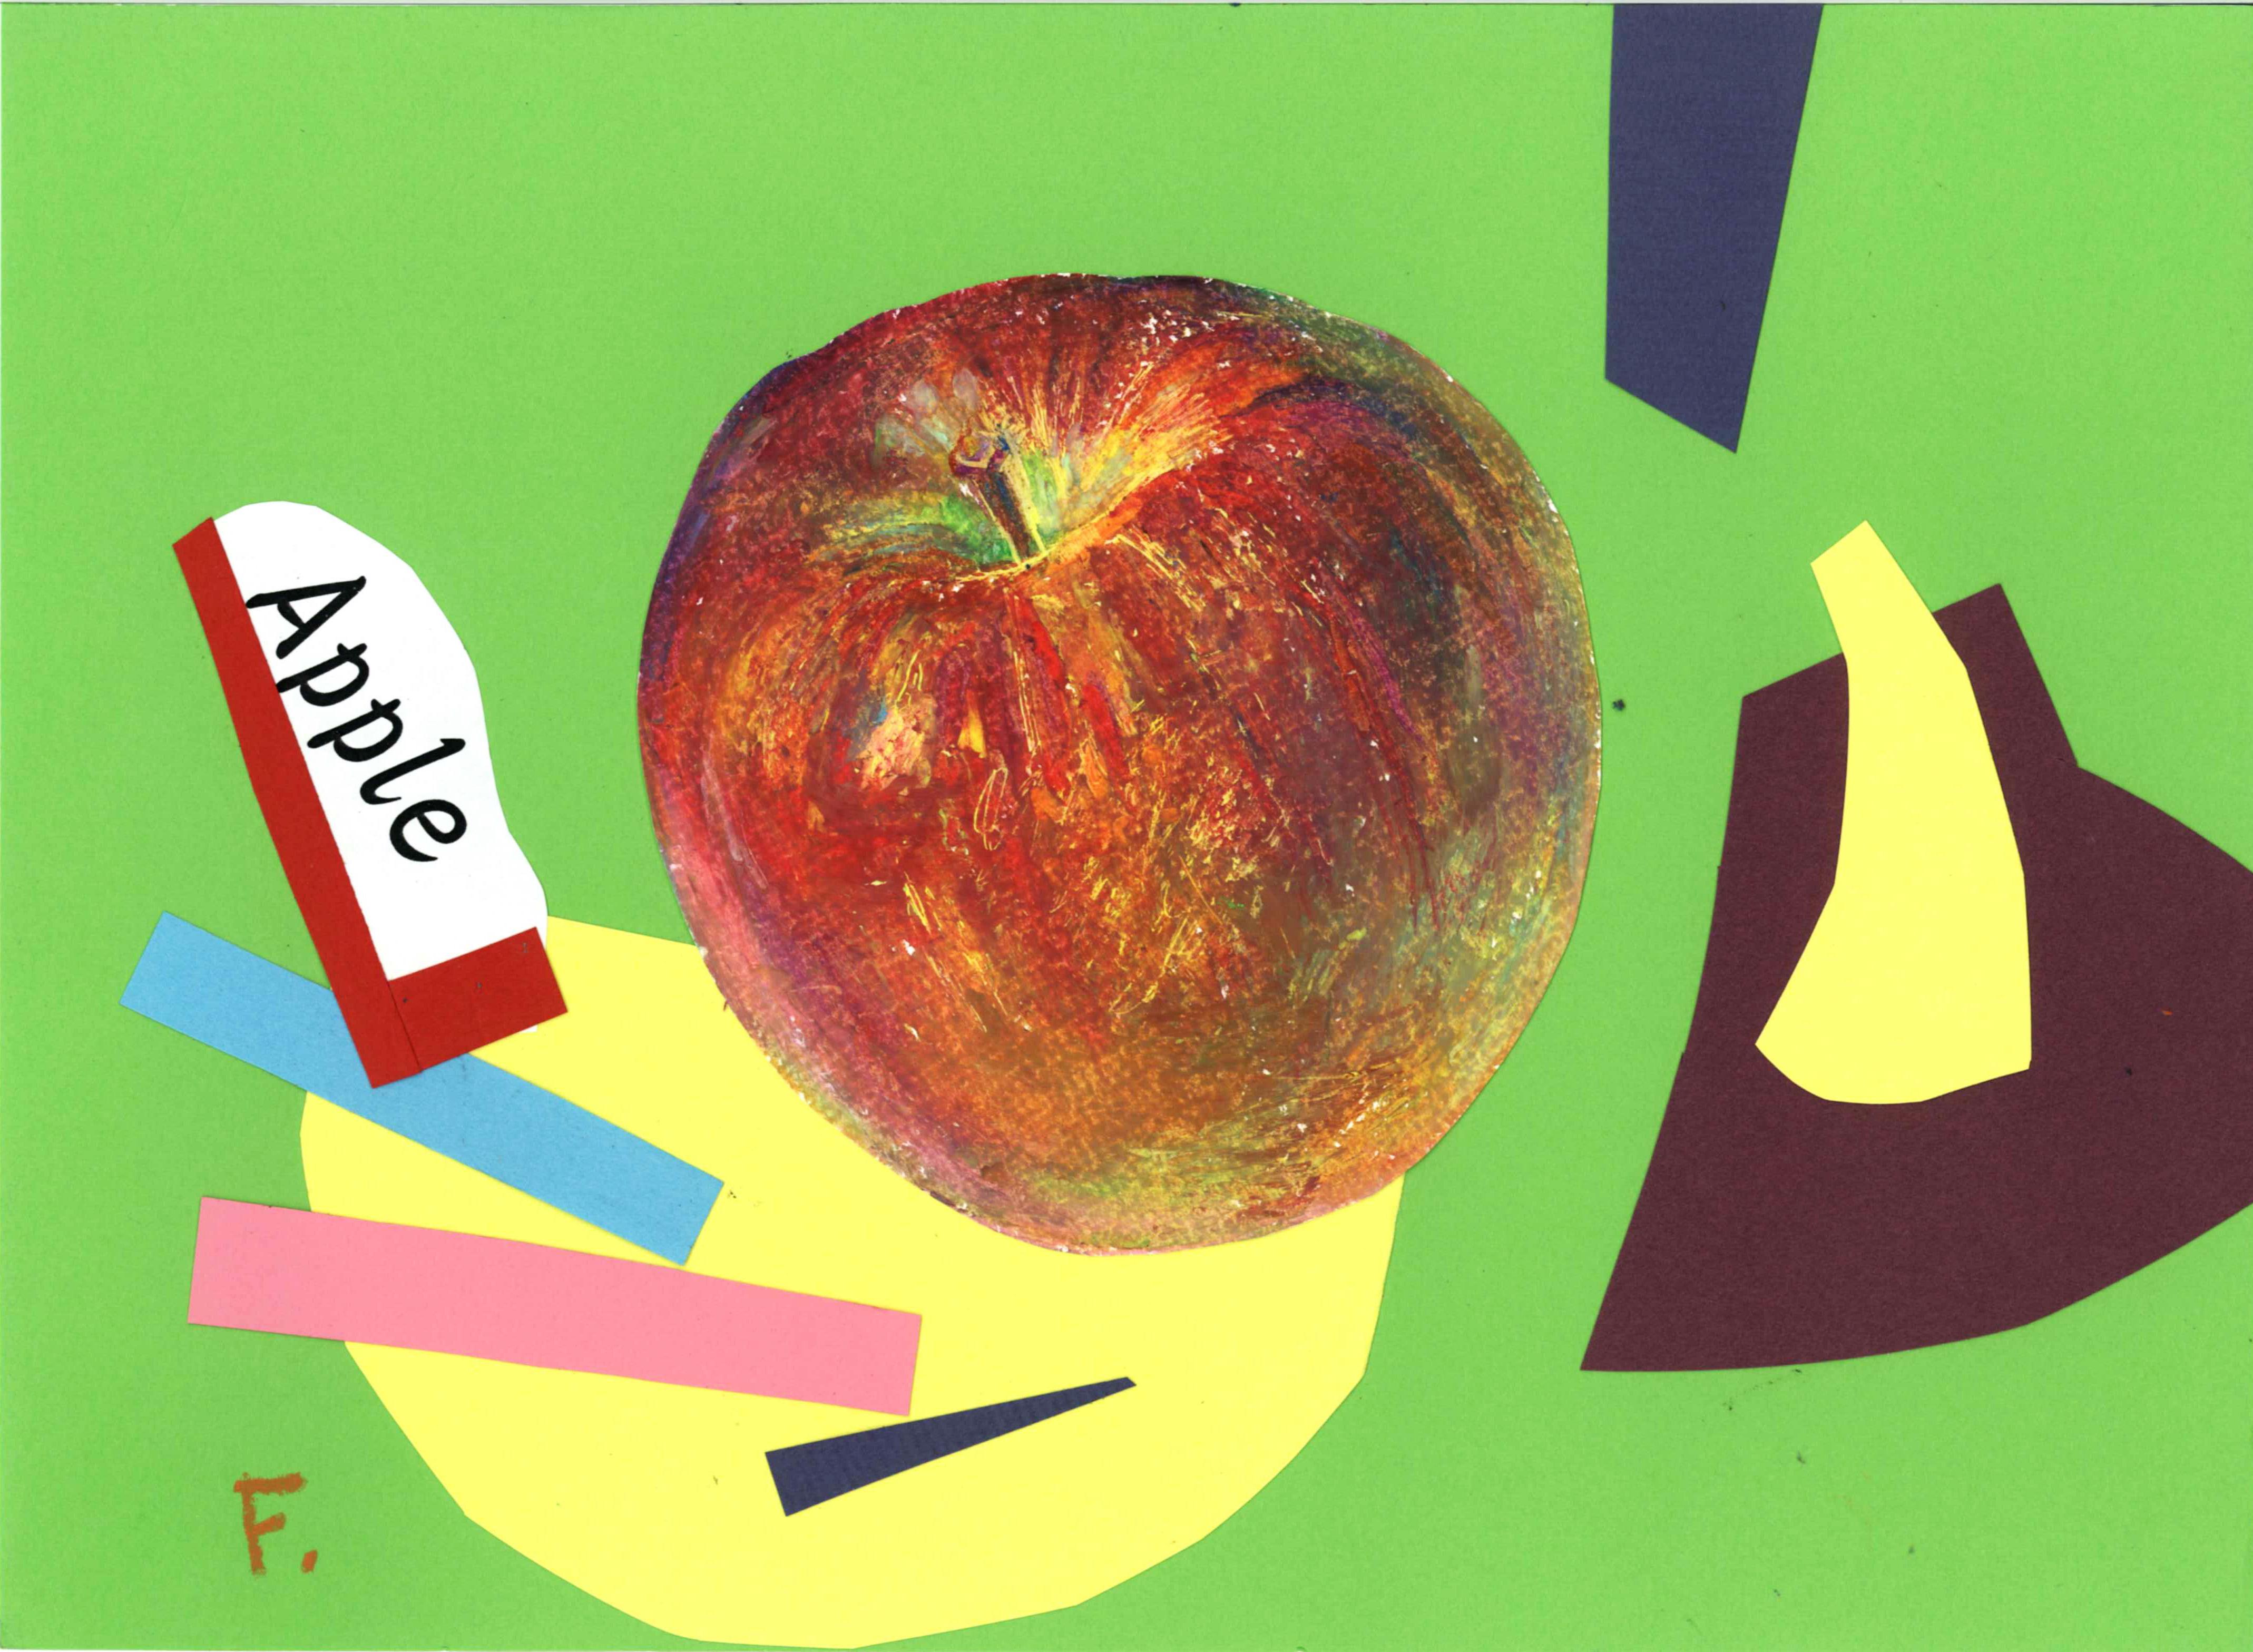 りんごの量感画作例_1.jpg